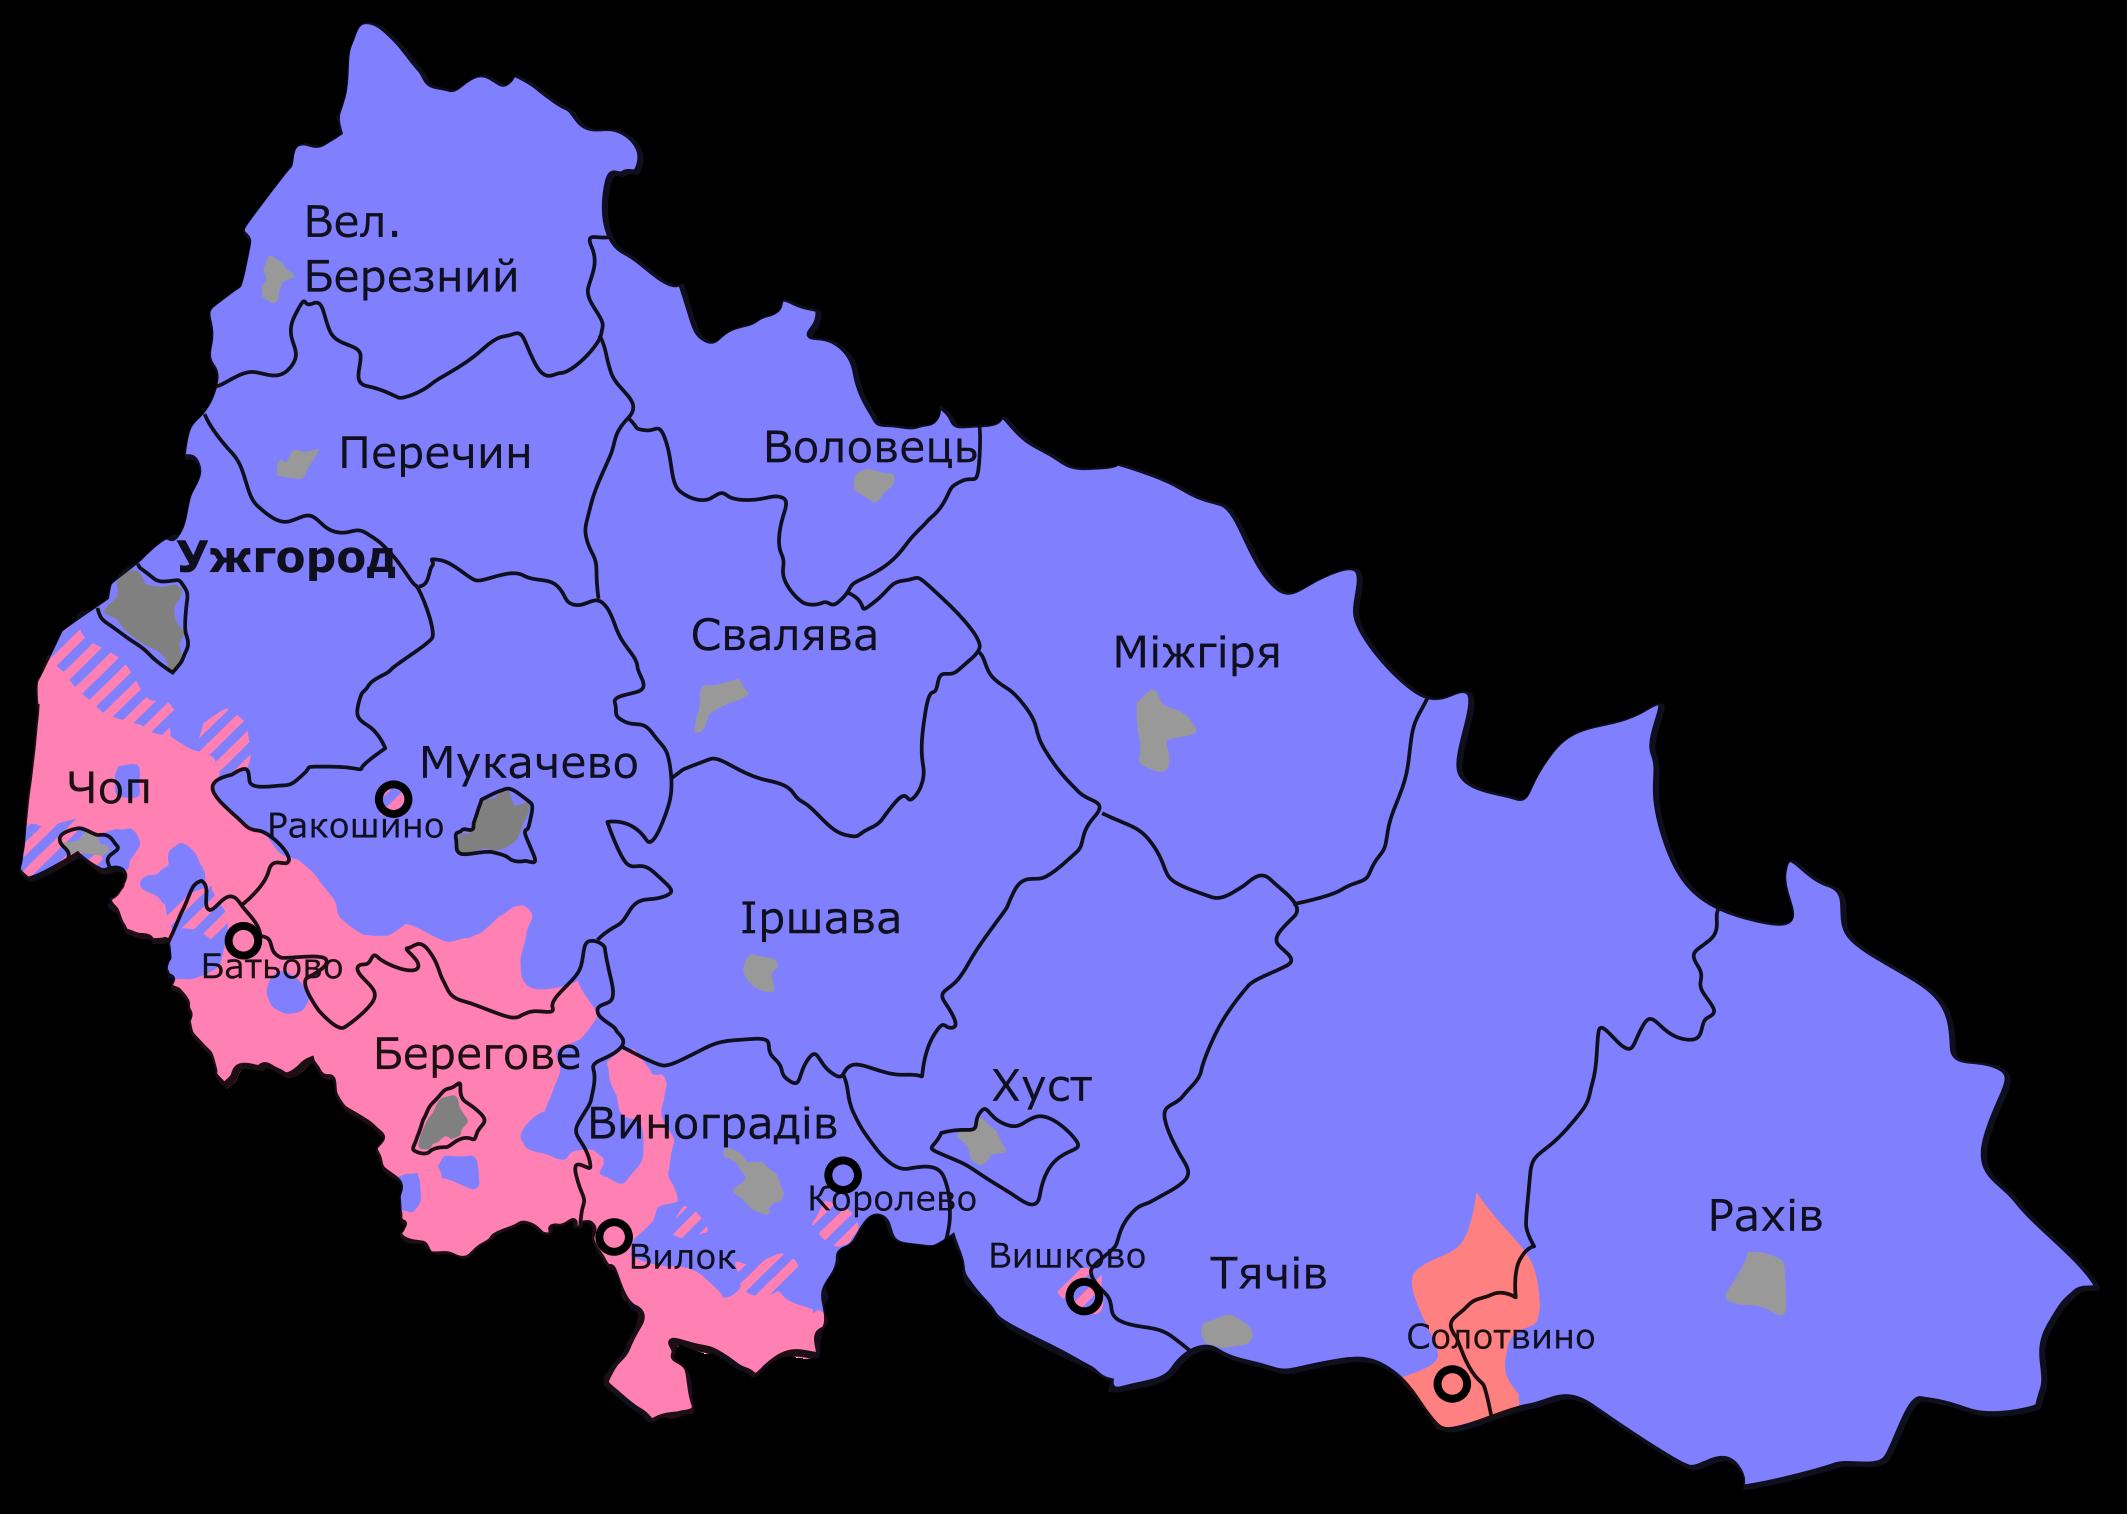 В автономії нічого поганого немає, не треба в цьому бачити сепаратизм, - посол Угорщини Кешкень - Цензор.НЕТ 1612